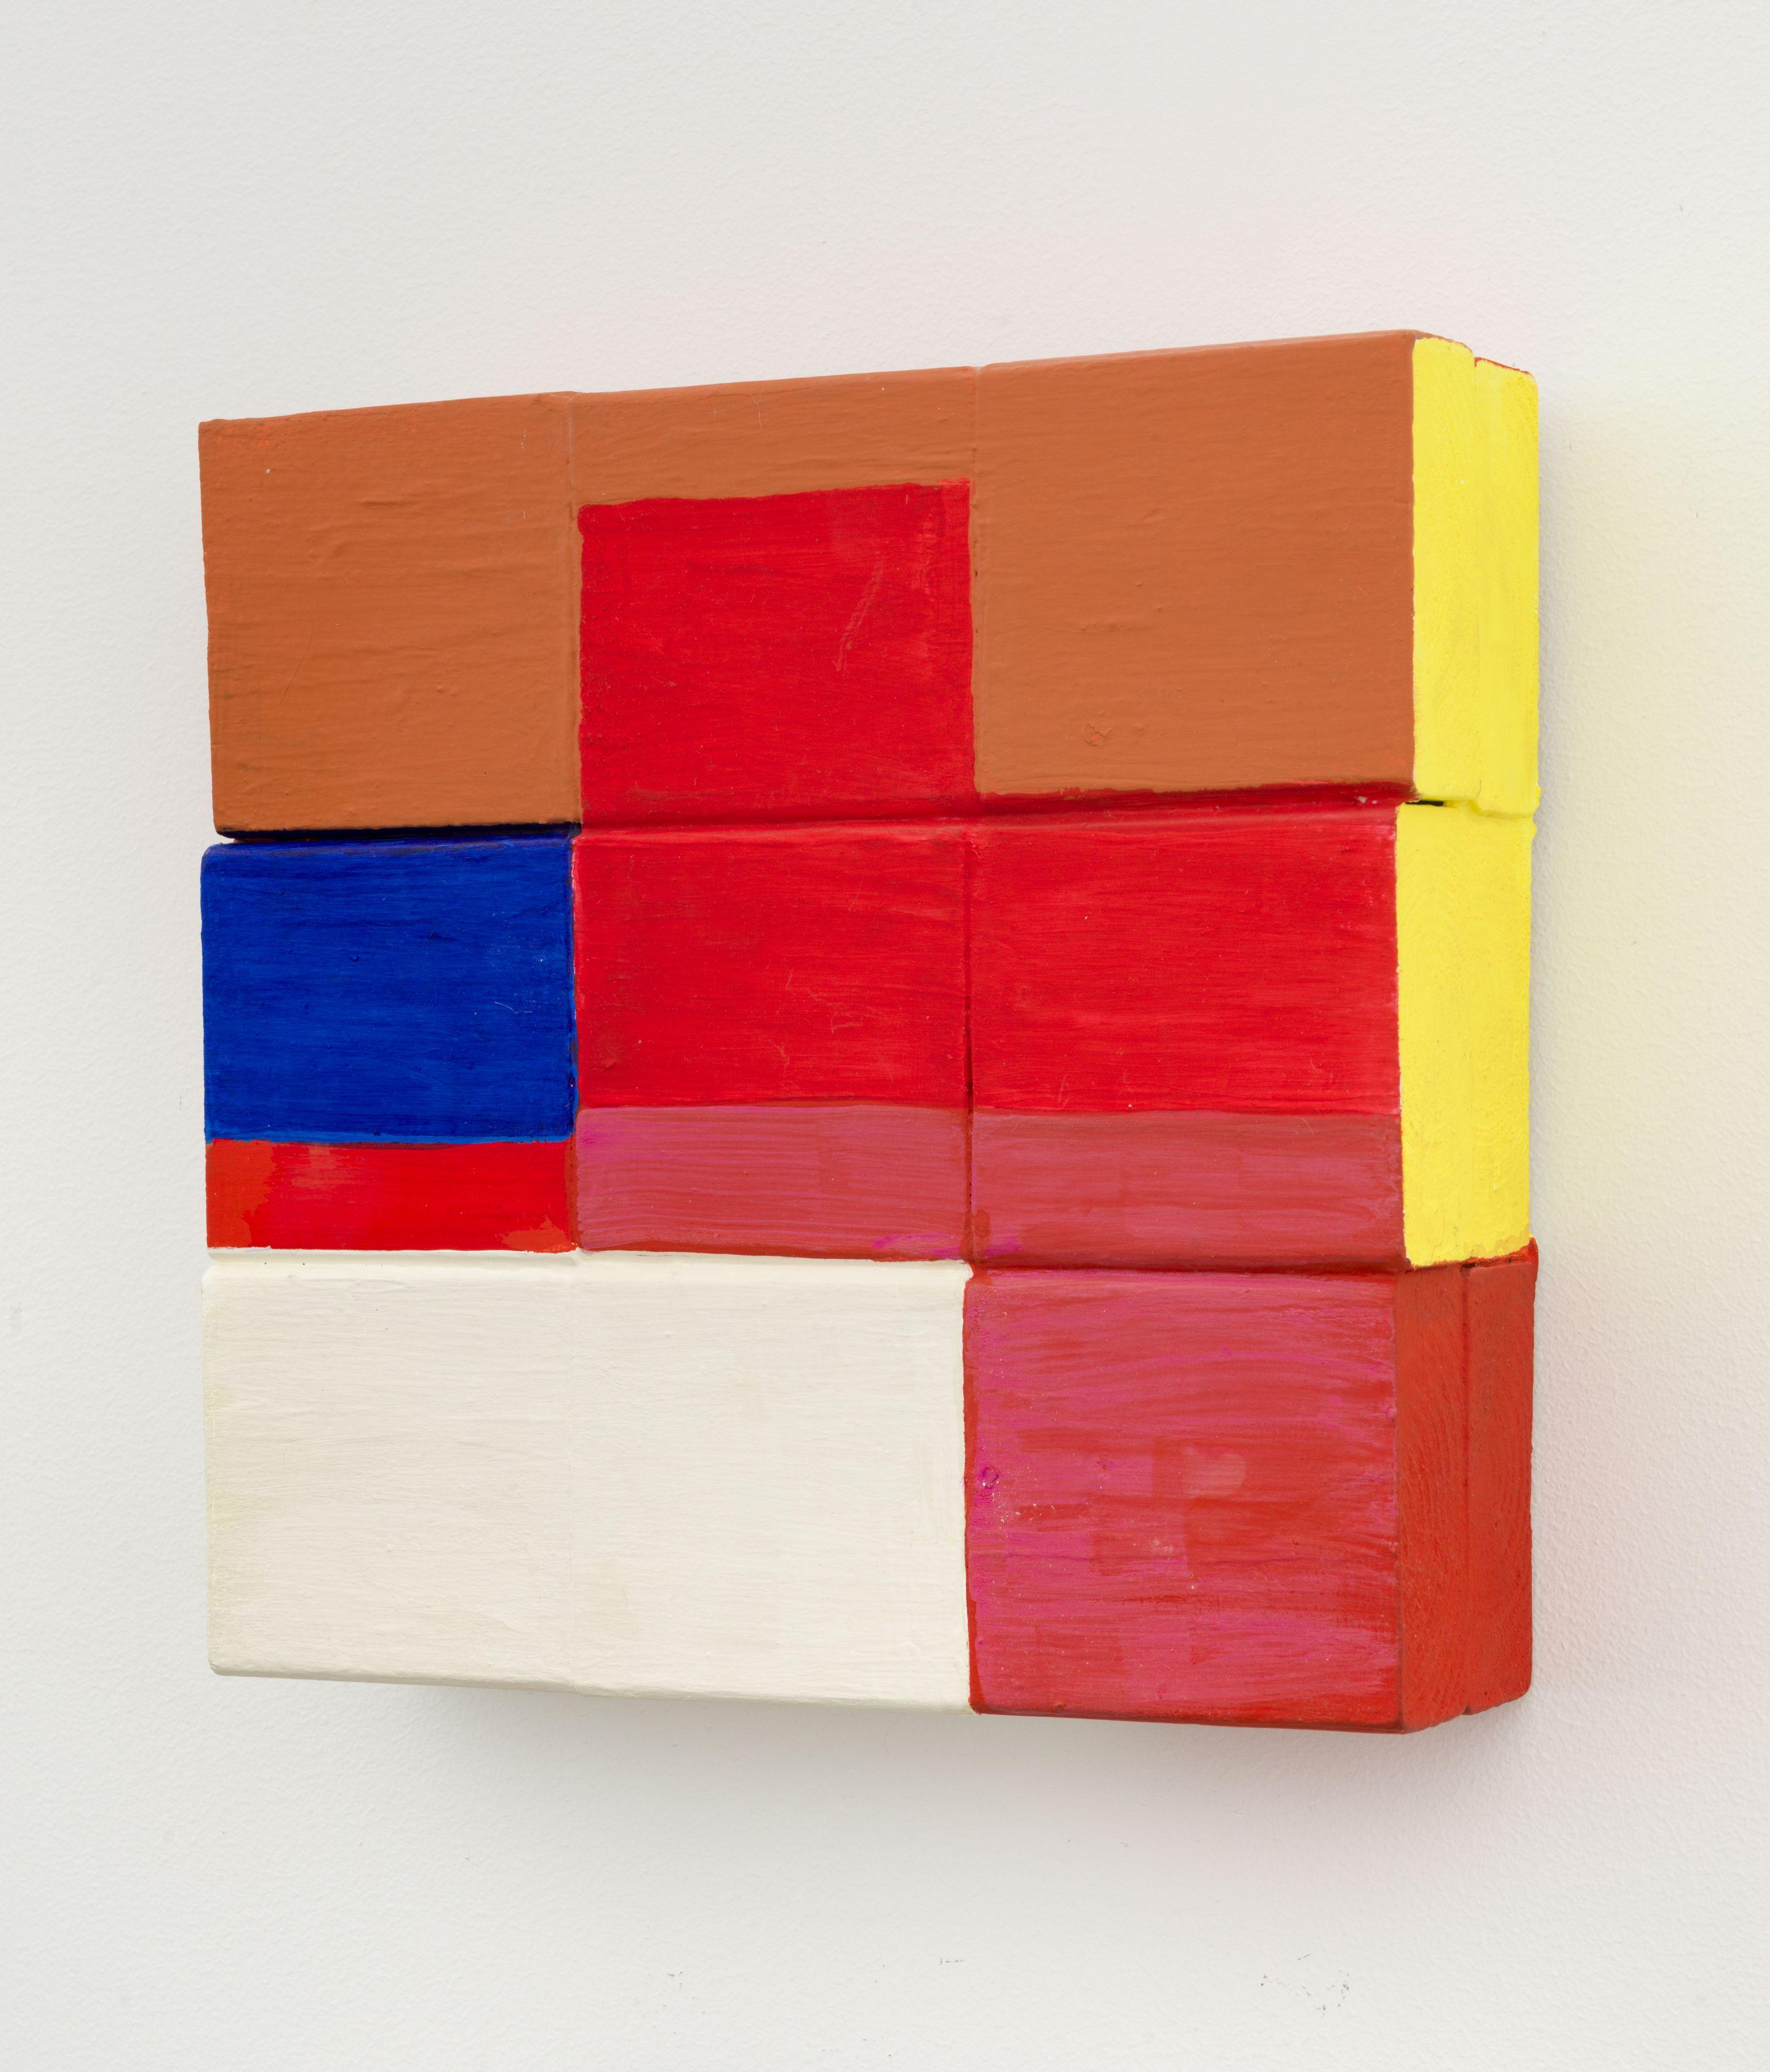 Refrigerator white, 2016, Wooden blocks, Flashe acrylic, house paint